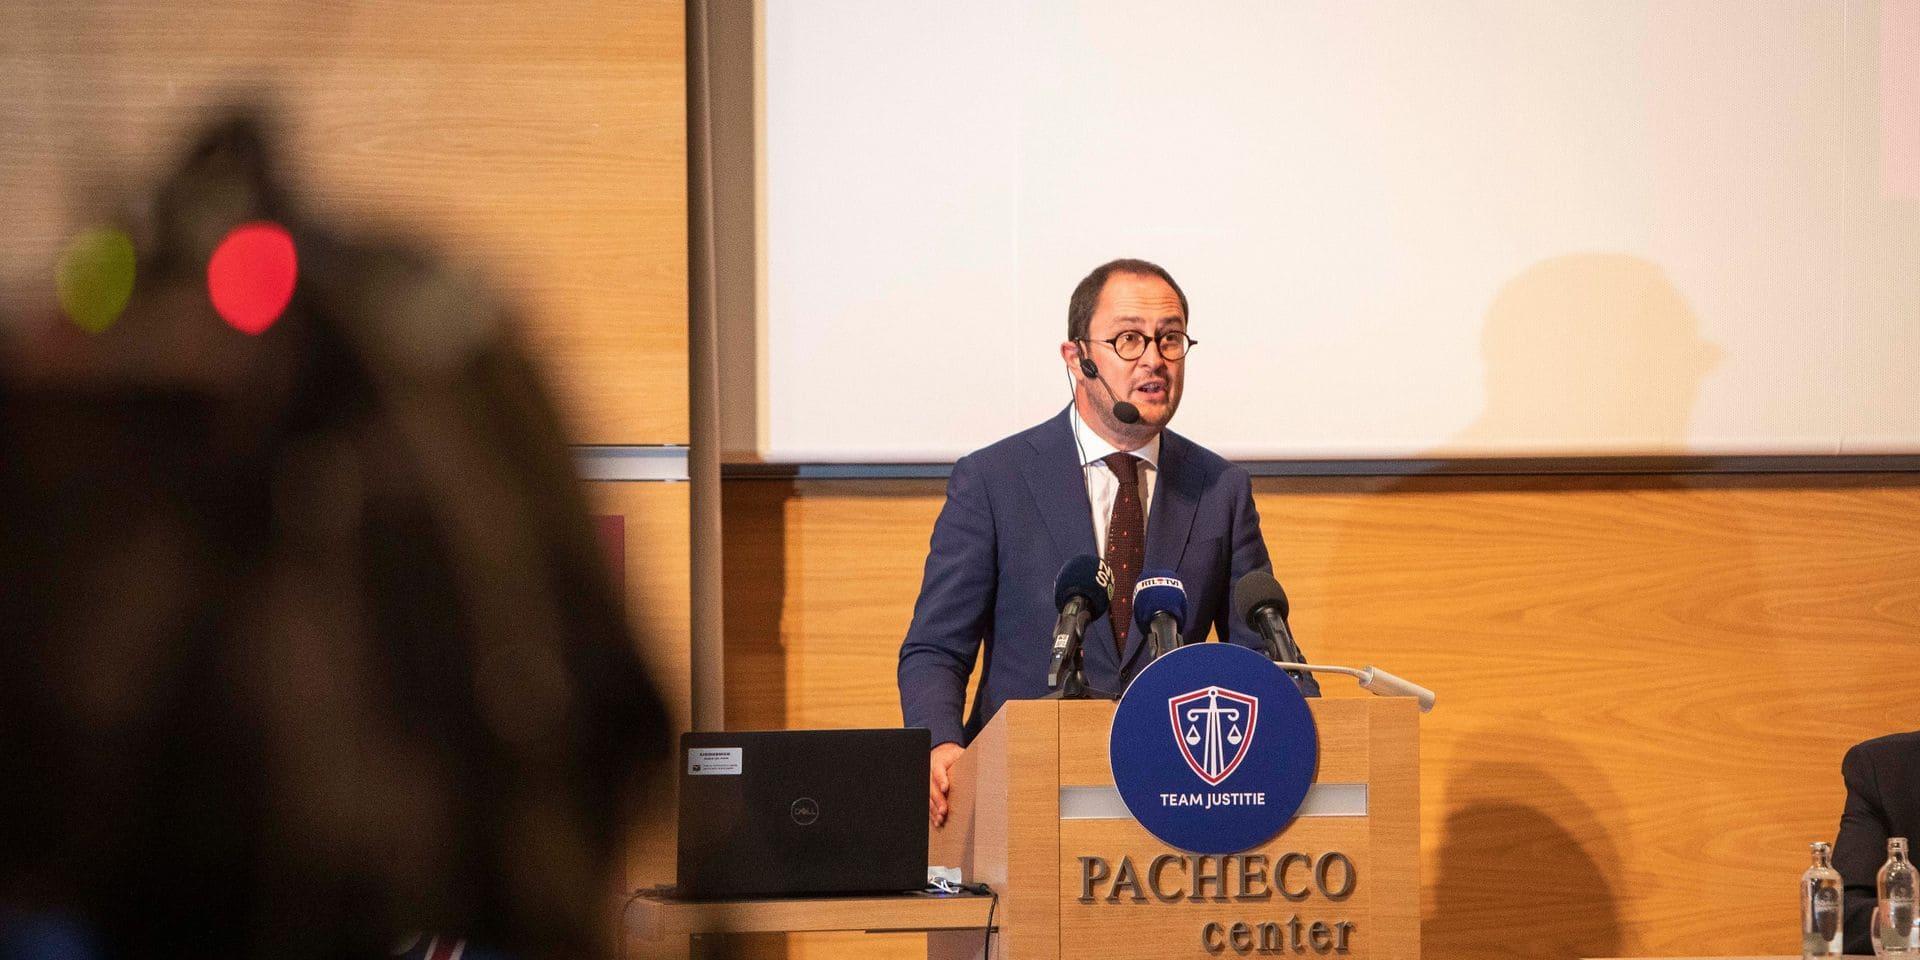 Augmentation structurelle du budget, plus de 1.000 embauches prévues : Vincent Van Quickenborne présente un vaste plan d'investissement dans la Justice